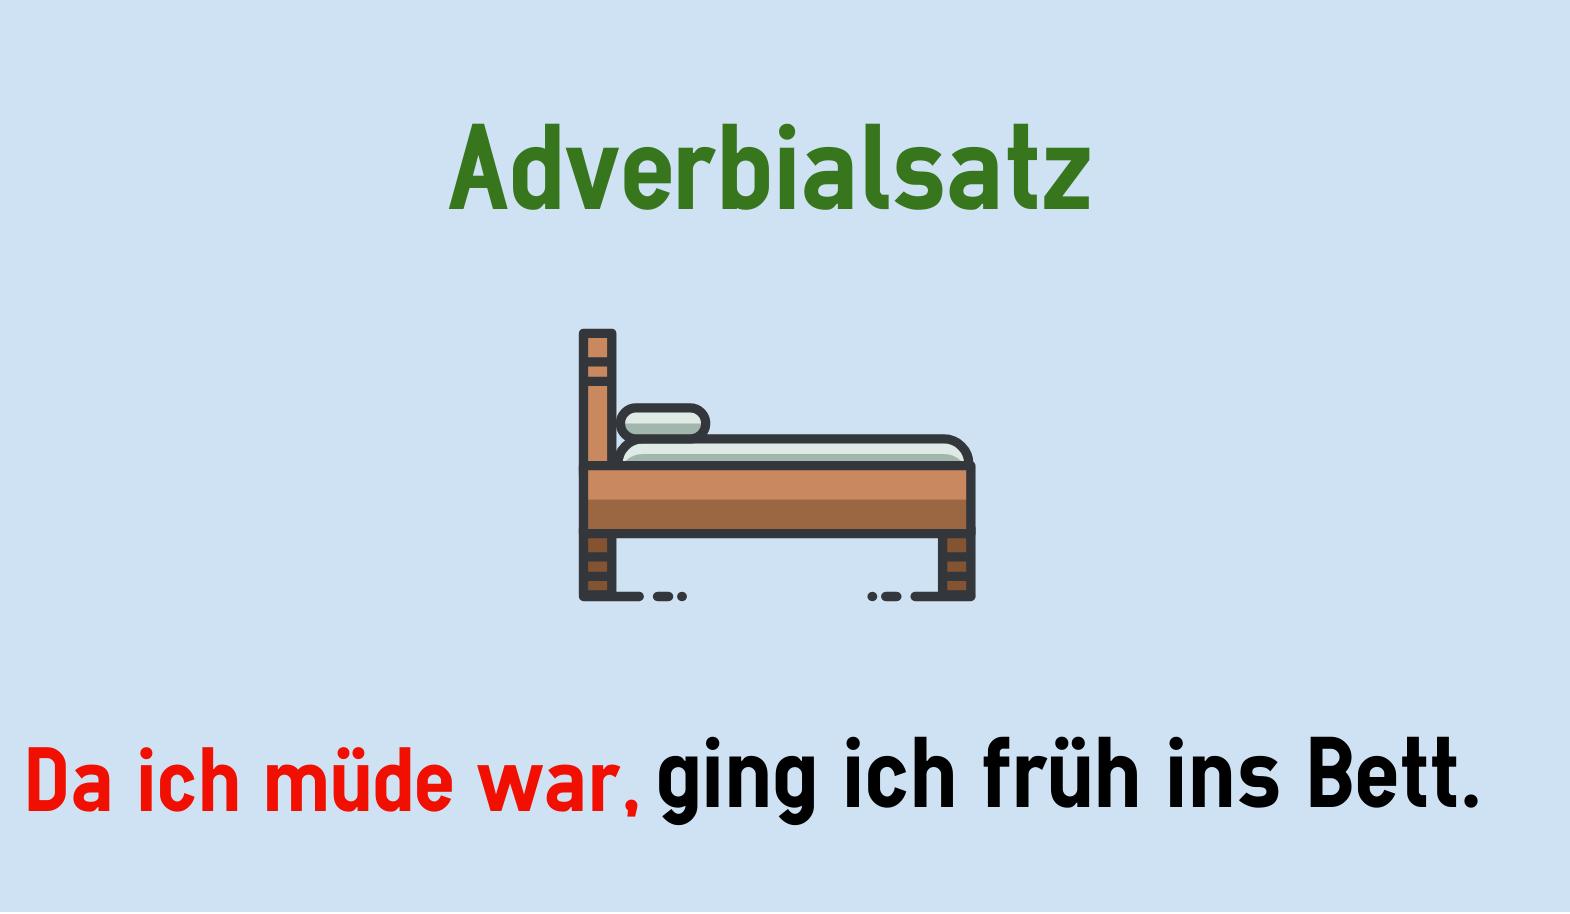 adverbialsatzpng - Adverbialsatze Beispiele